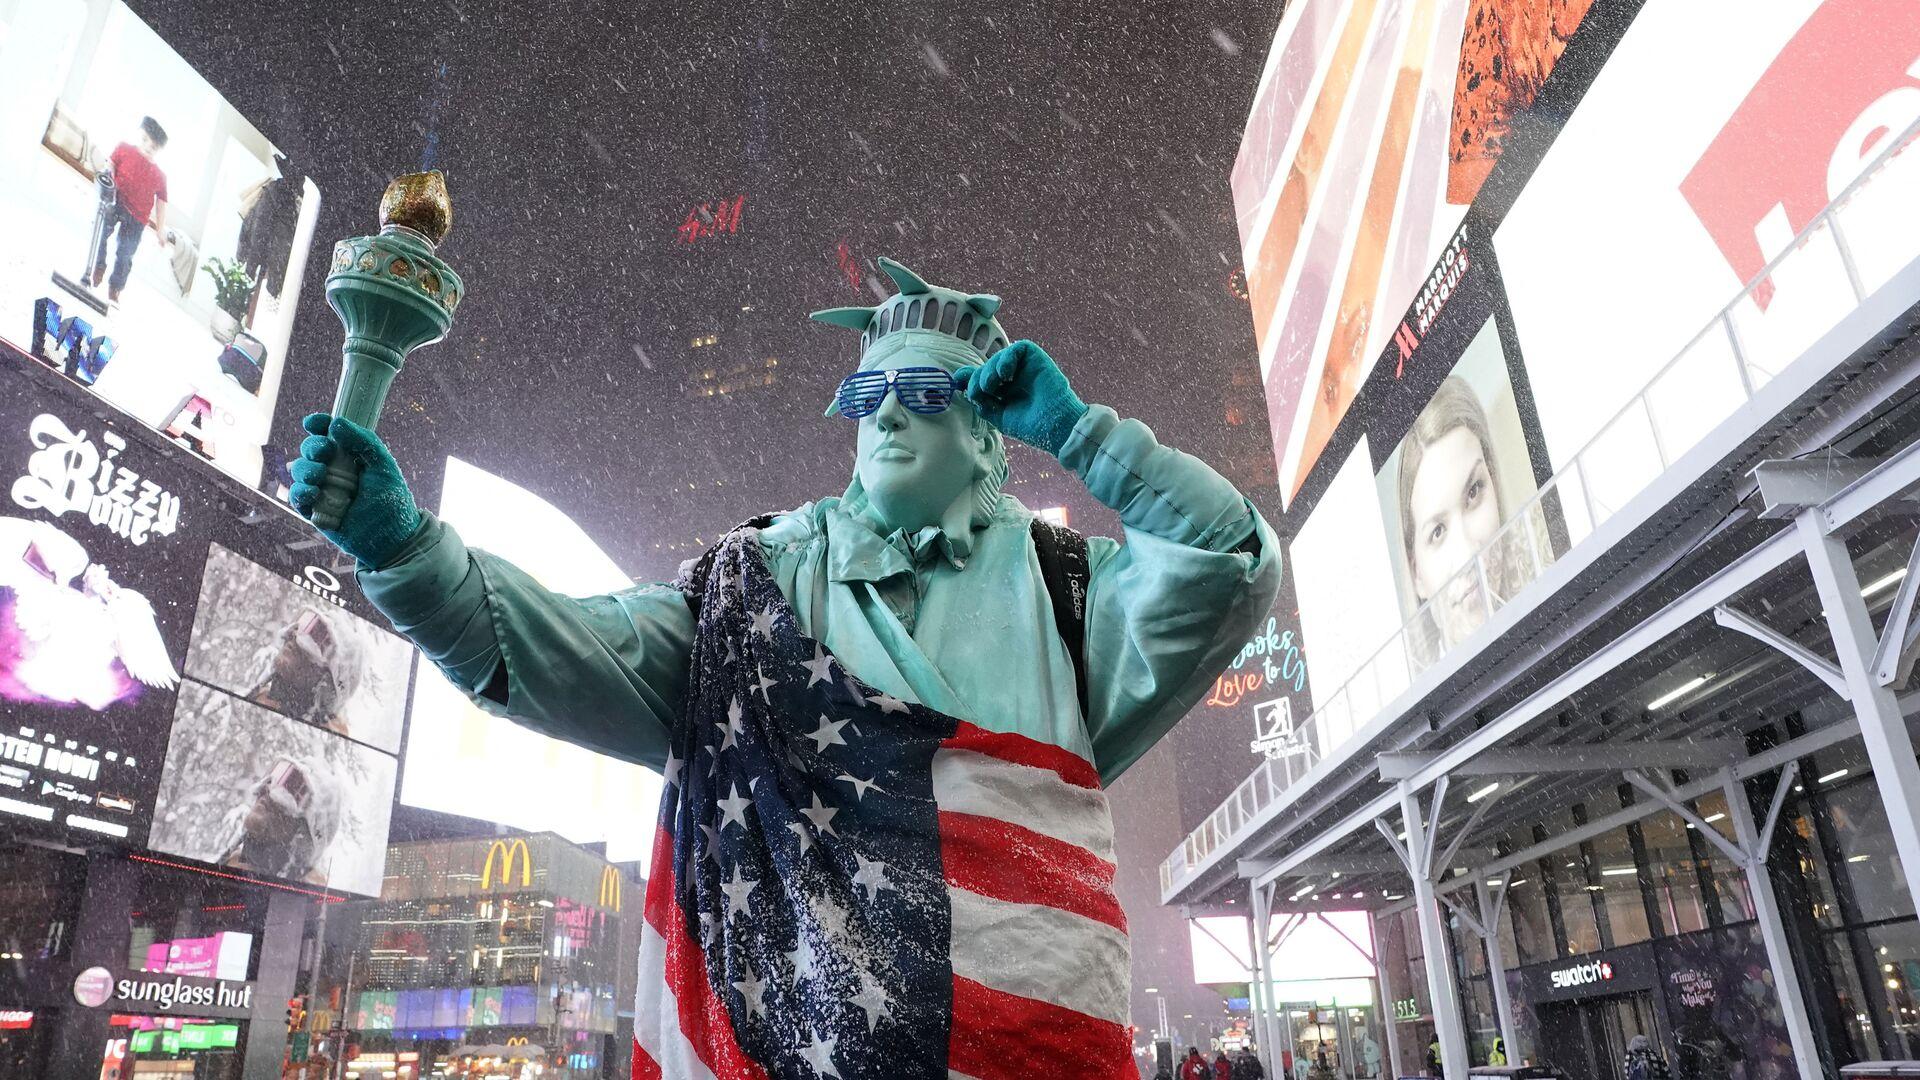 Человек в костюме Статуи Свободы на Таймс-сквер в Нью-Йорке - Sputnik Тоҷикистон, 1920, 09.04.2021